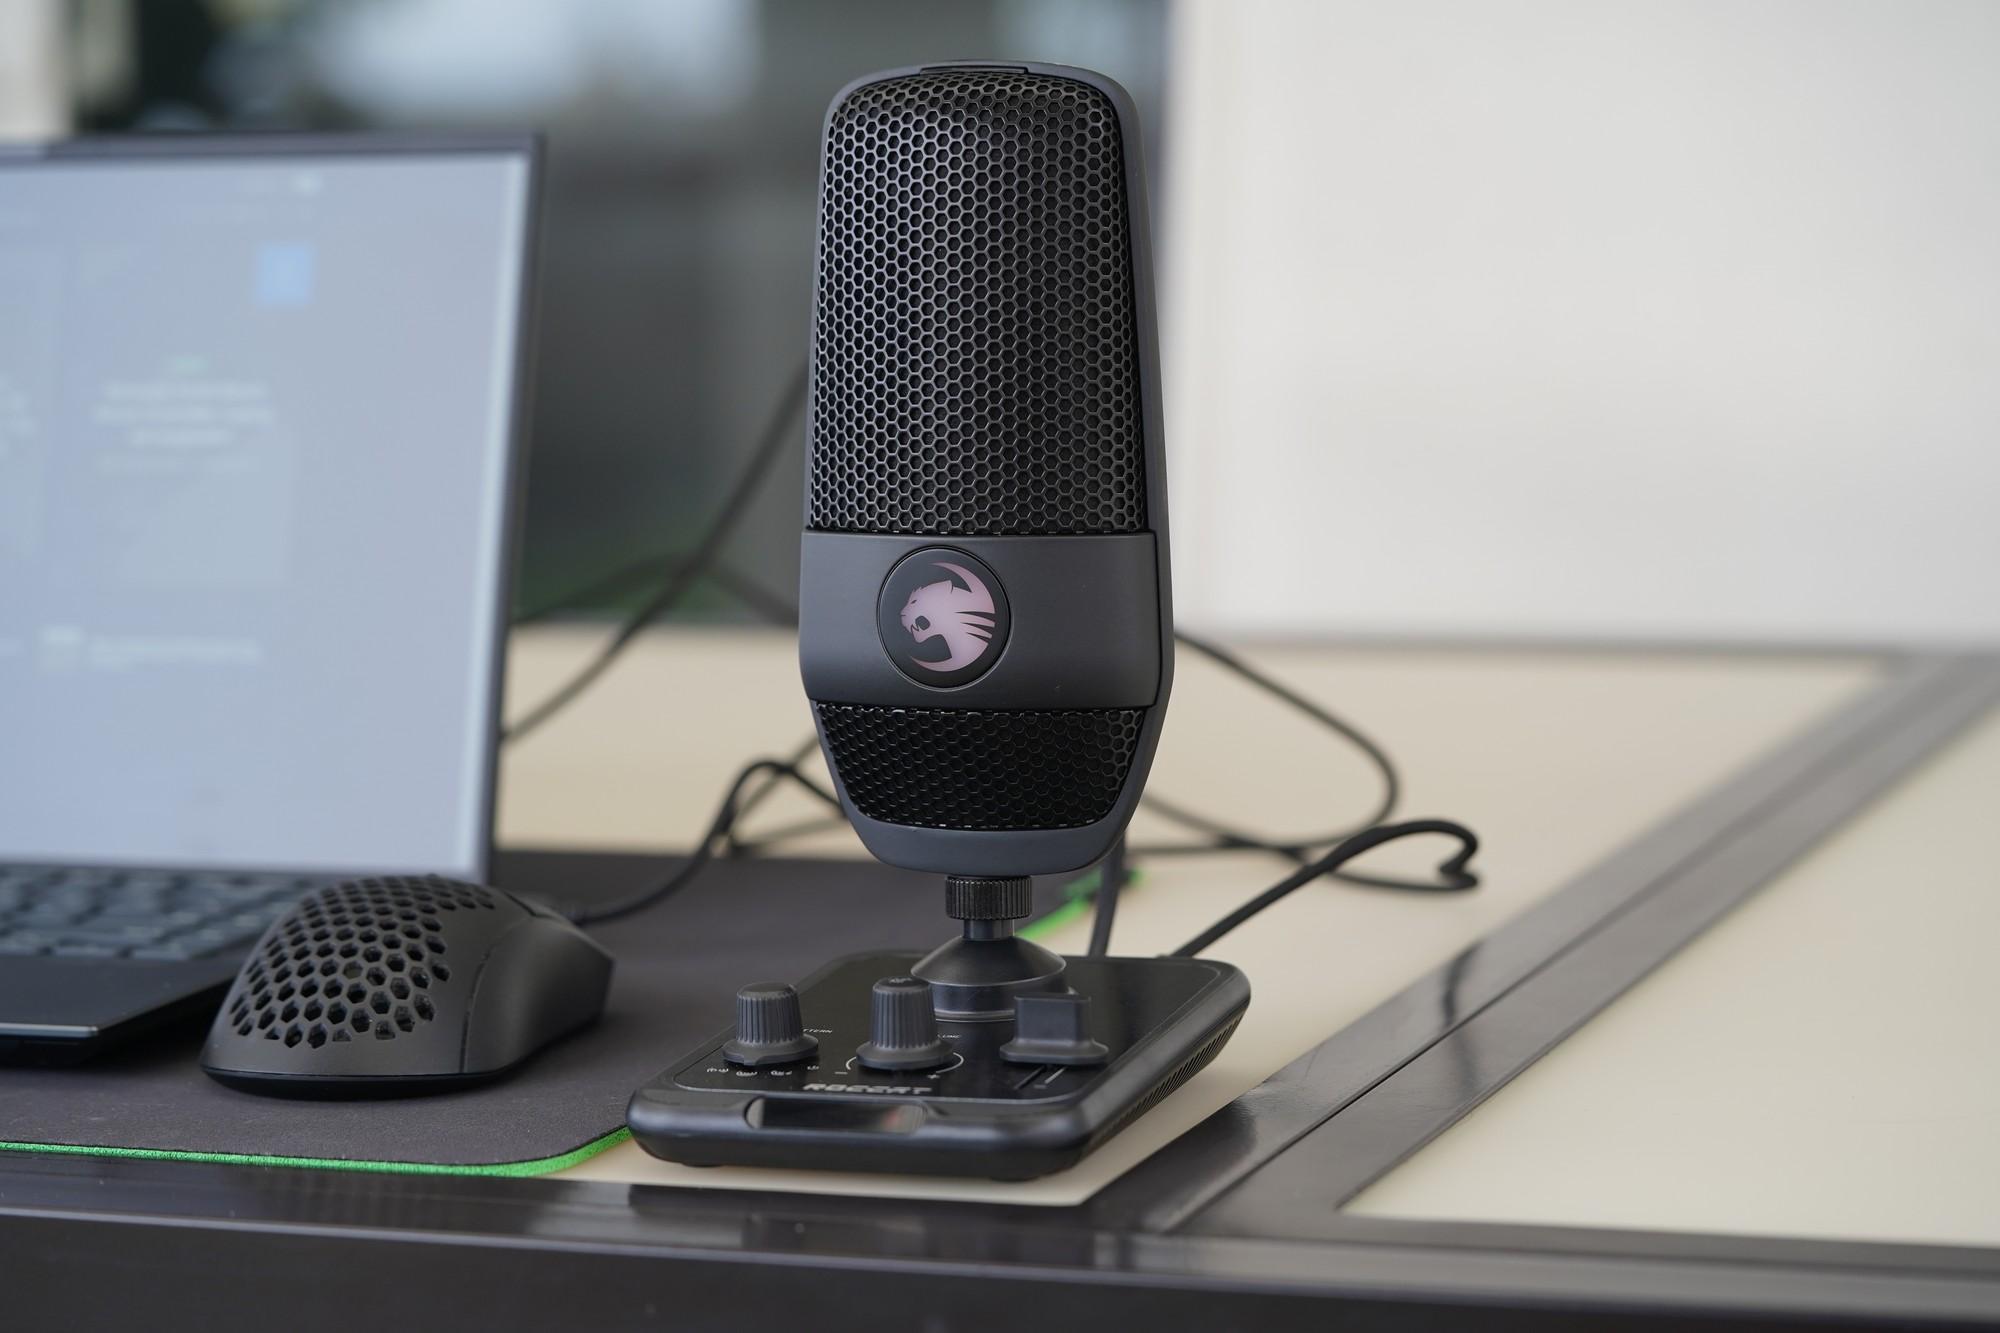 Wielkie porównanie pojemnościowych mikrofonów - Roccat Torch